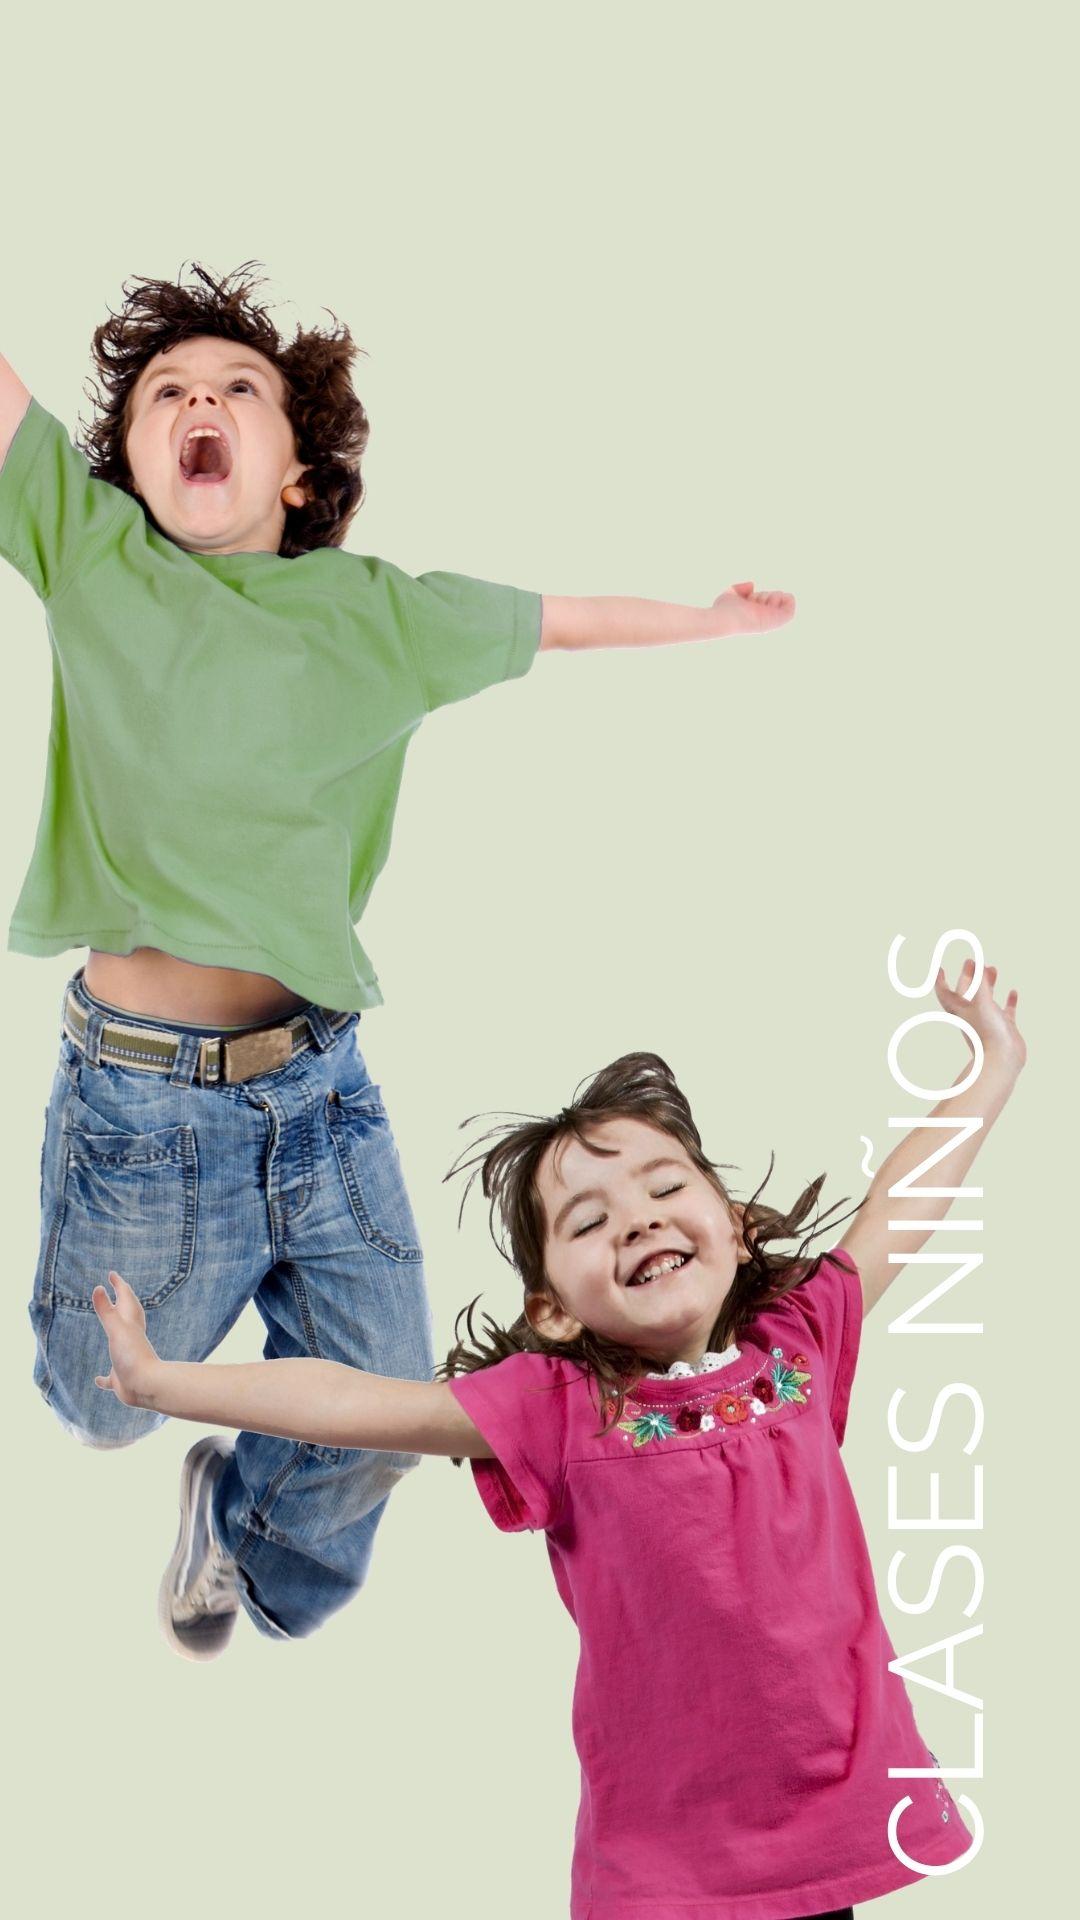 Clases de baile para niños en Gandía